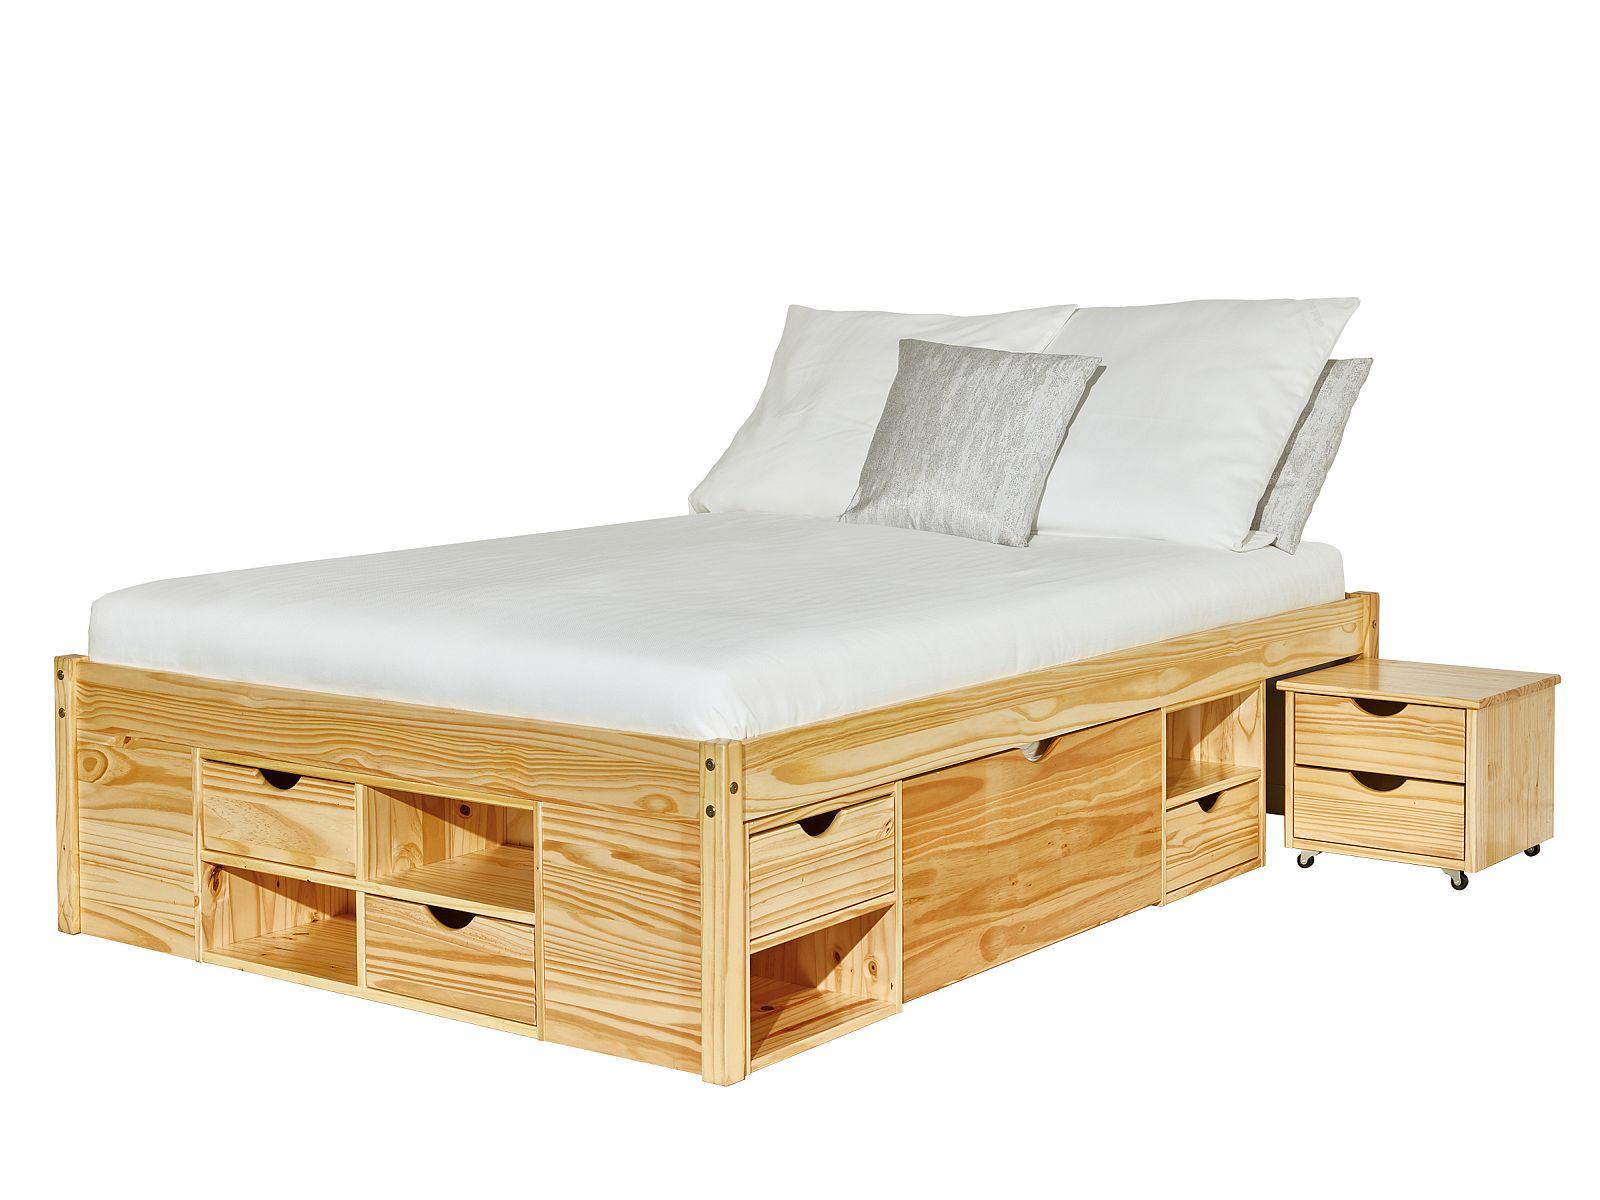 Full Size of Klappbares Doppelbett Bett In 4 Gren Ausklappbares Wohnzimmer Klappbares Doppelbett